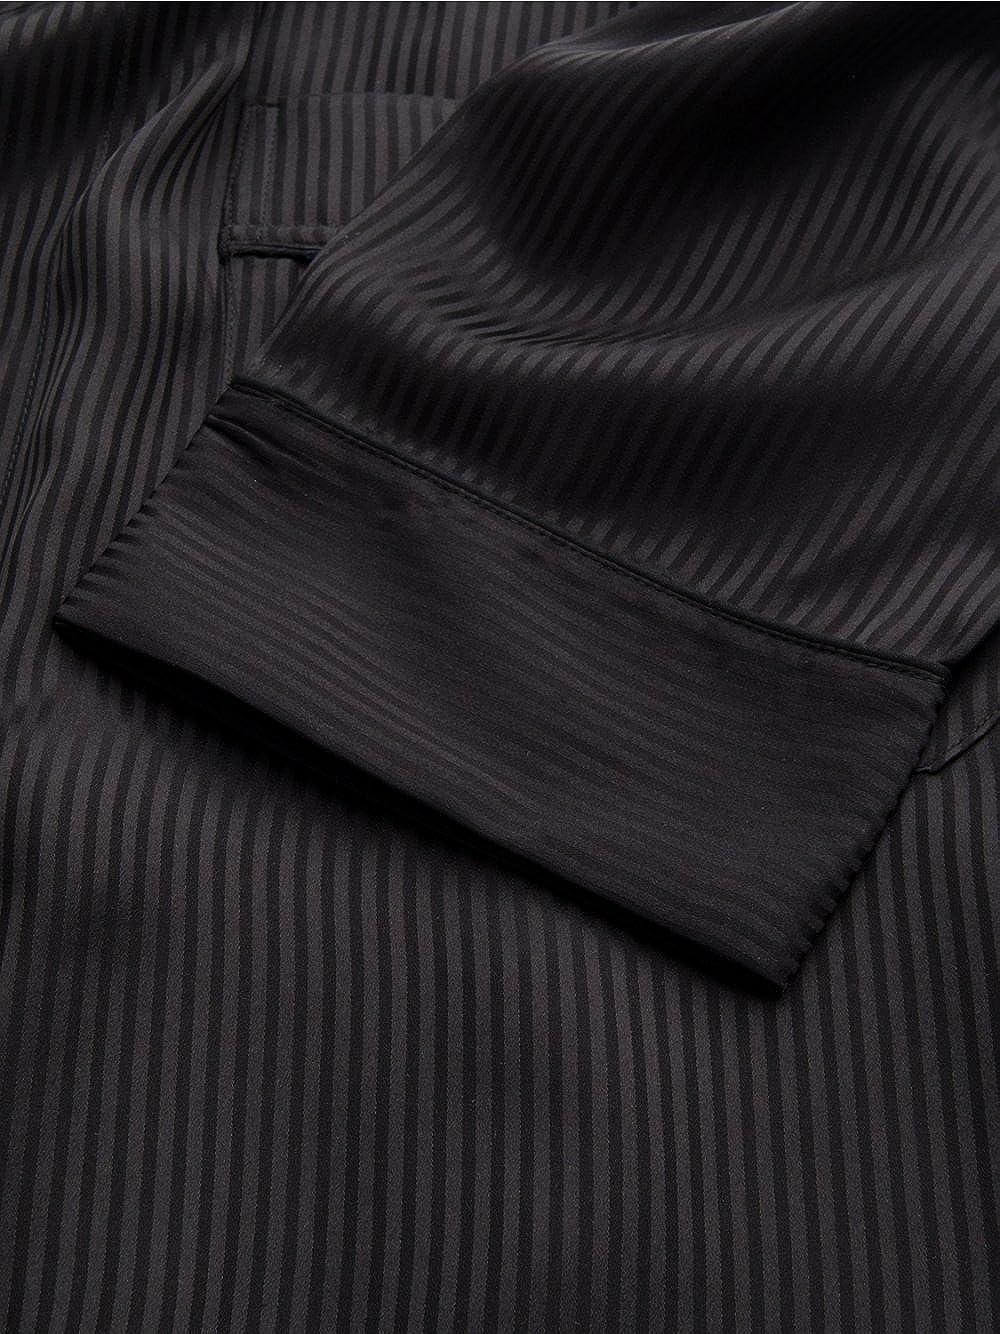 Derek Rose Sherlock Holmes Piped Silk Dressing Gown: Amazon.co.uk ...